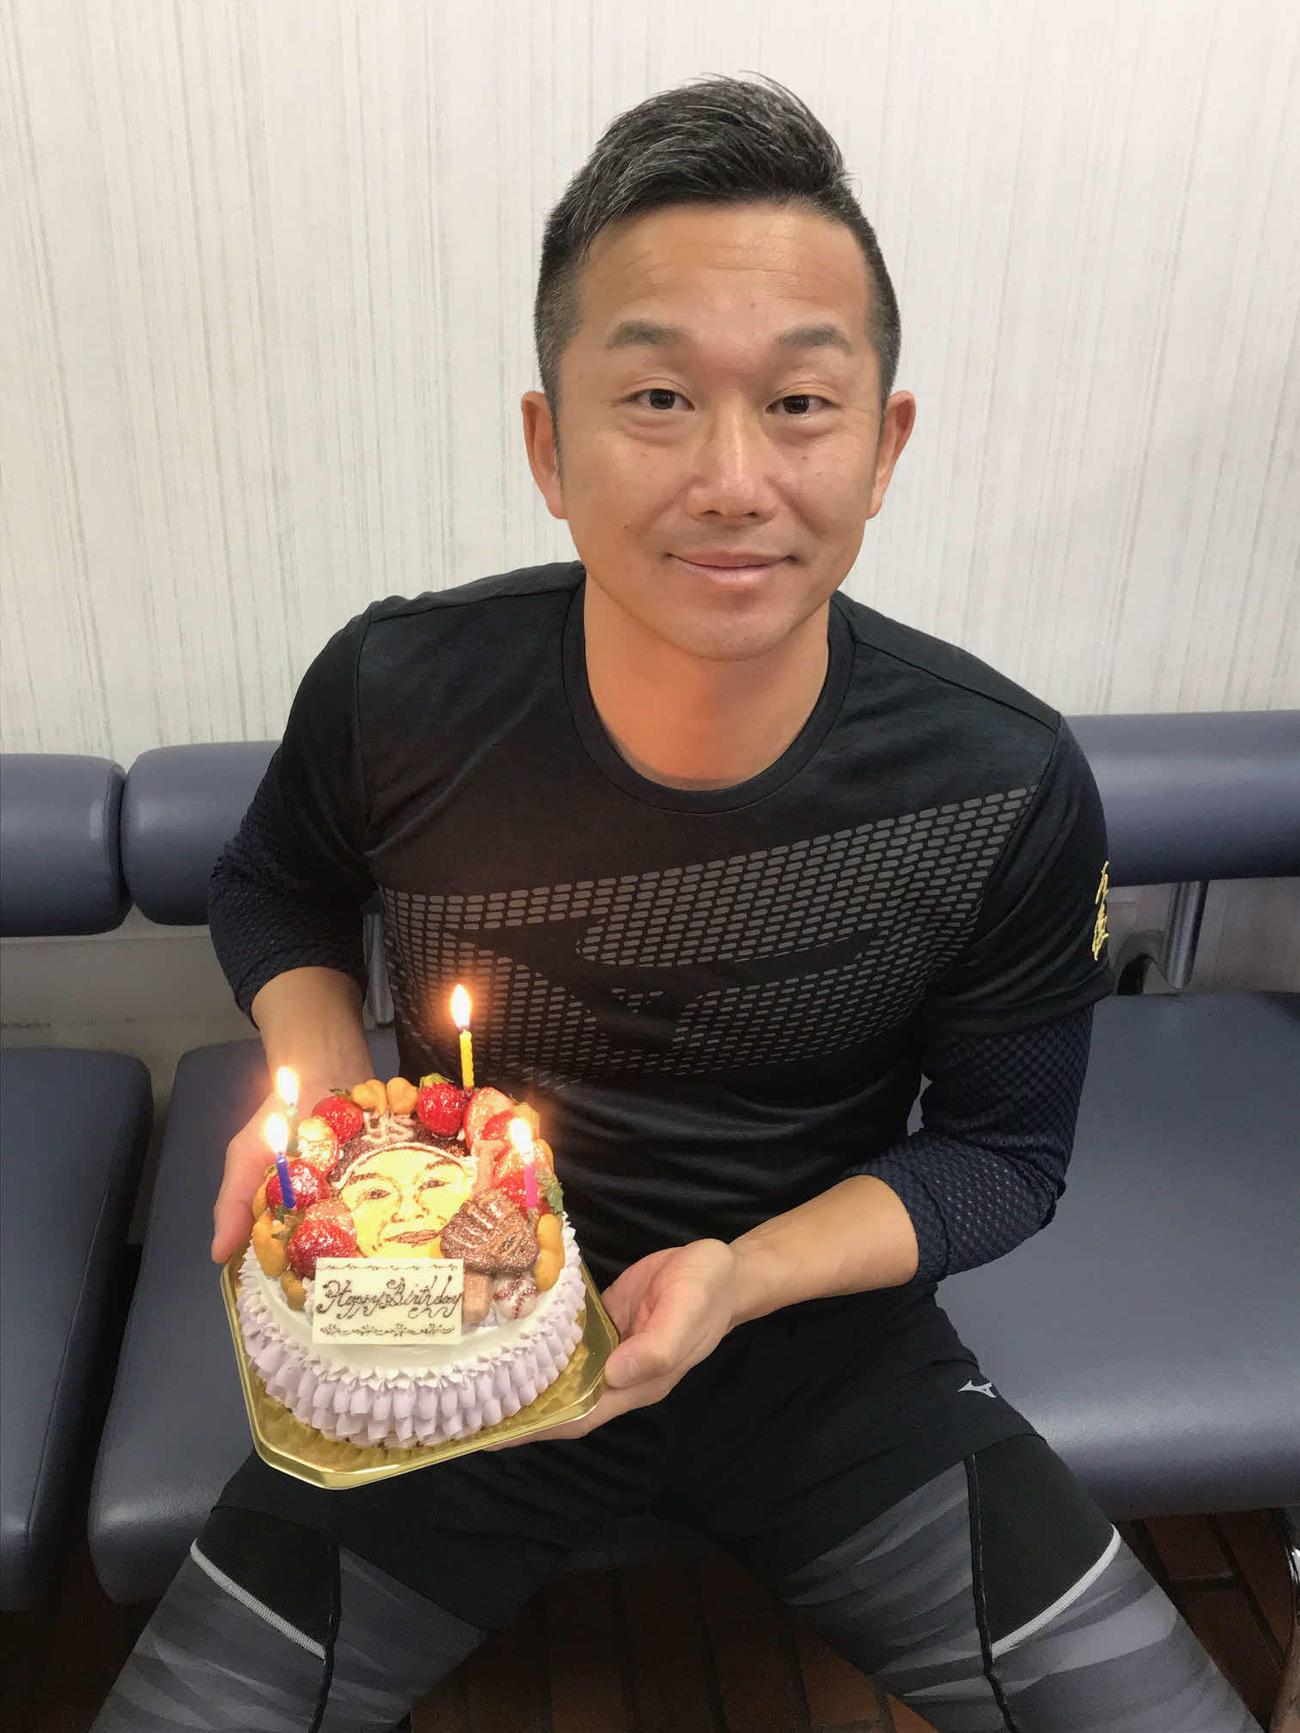 22日に40歳の誕生日を迎えたヤクルト石川(撮影・保坂恭子)